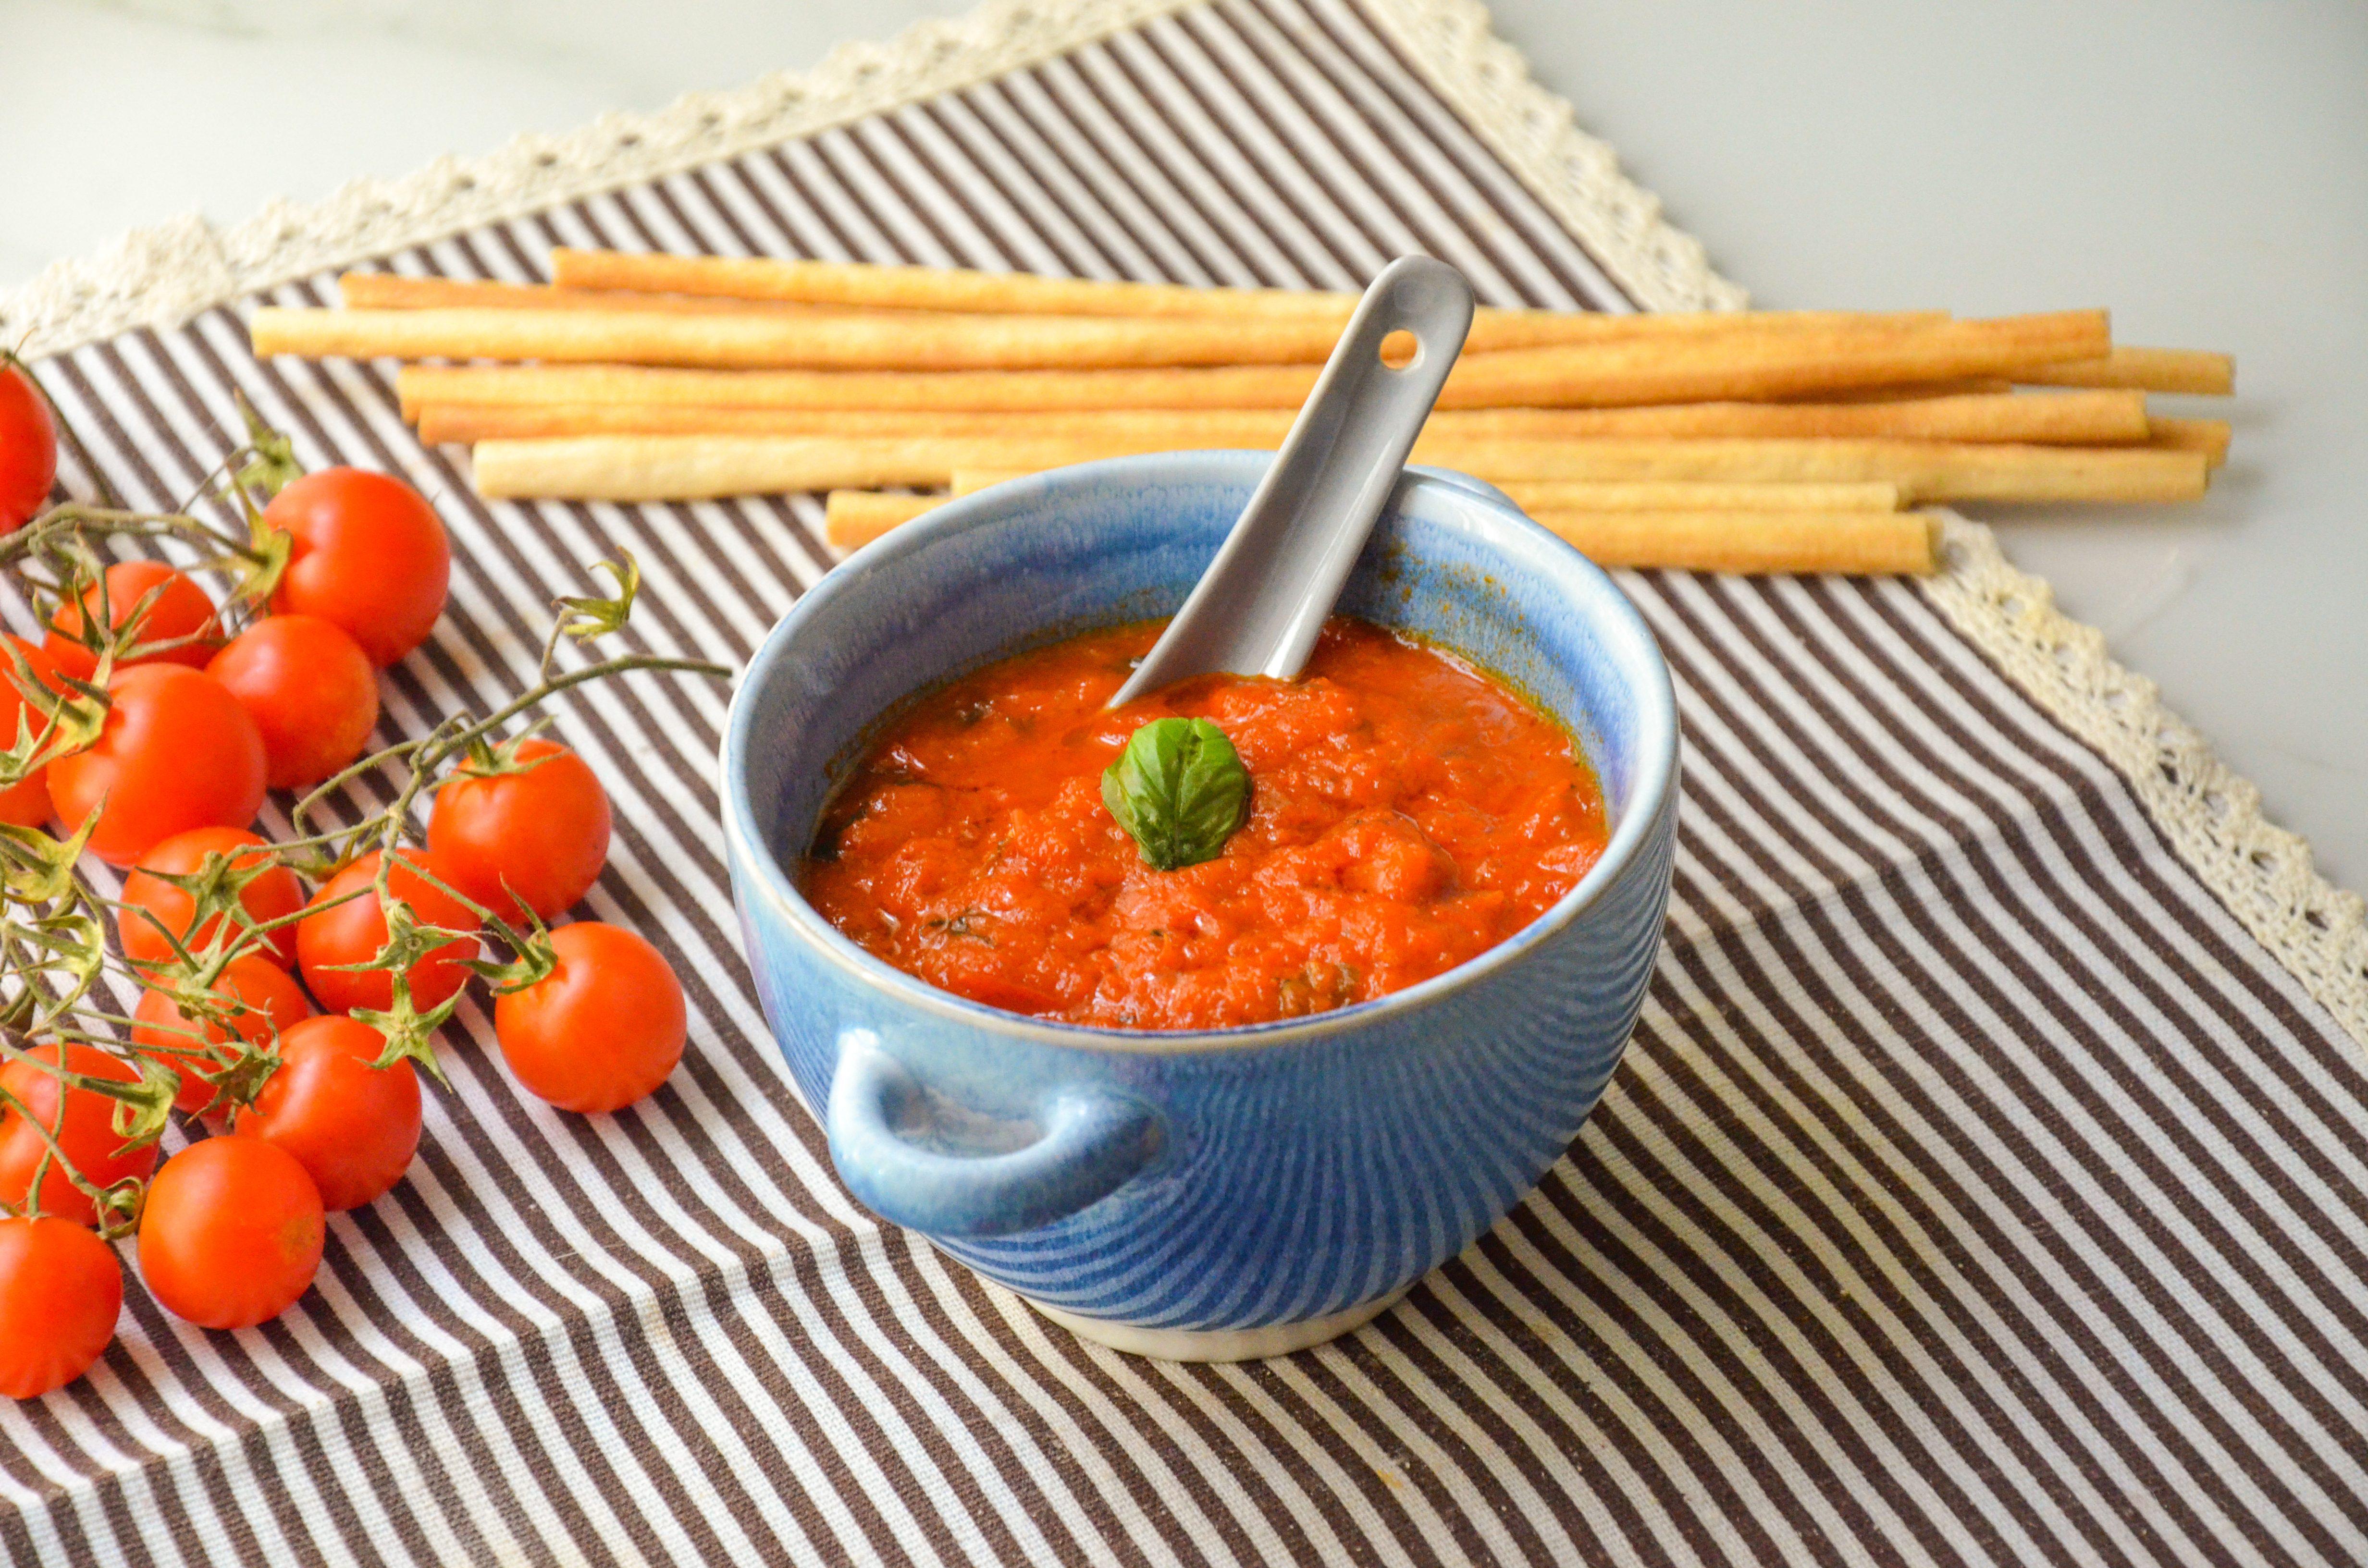 Bagnetto rosso piemontese: la ricetta della salsa gustosa e versatile